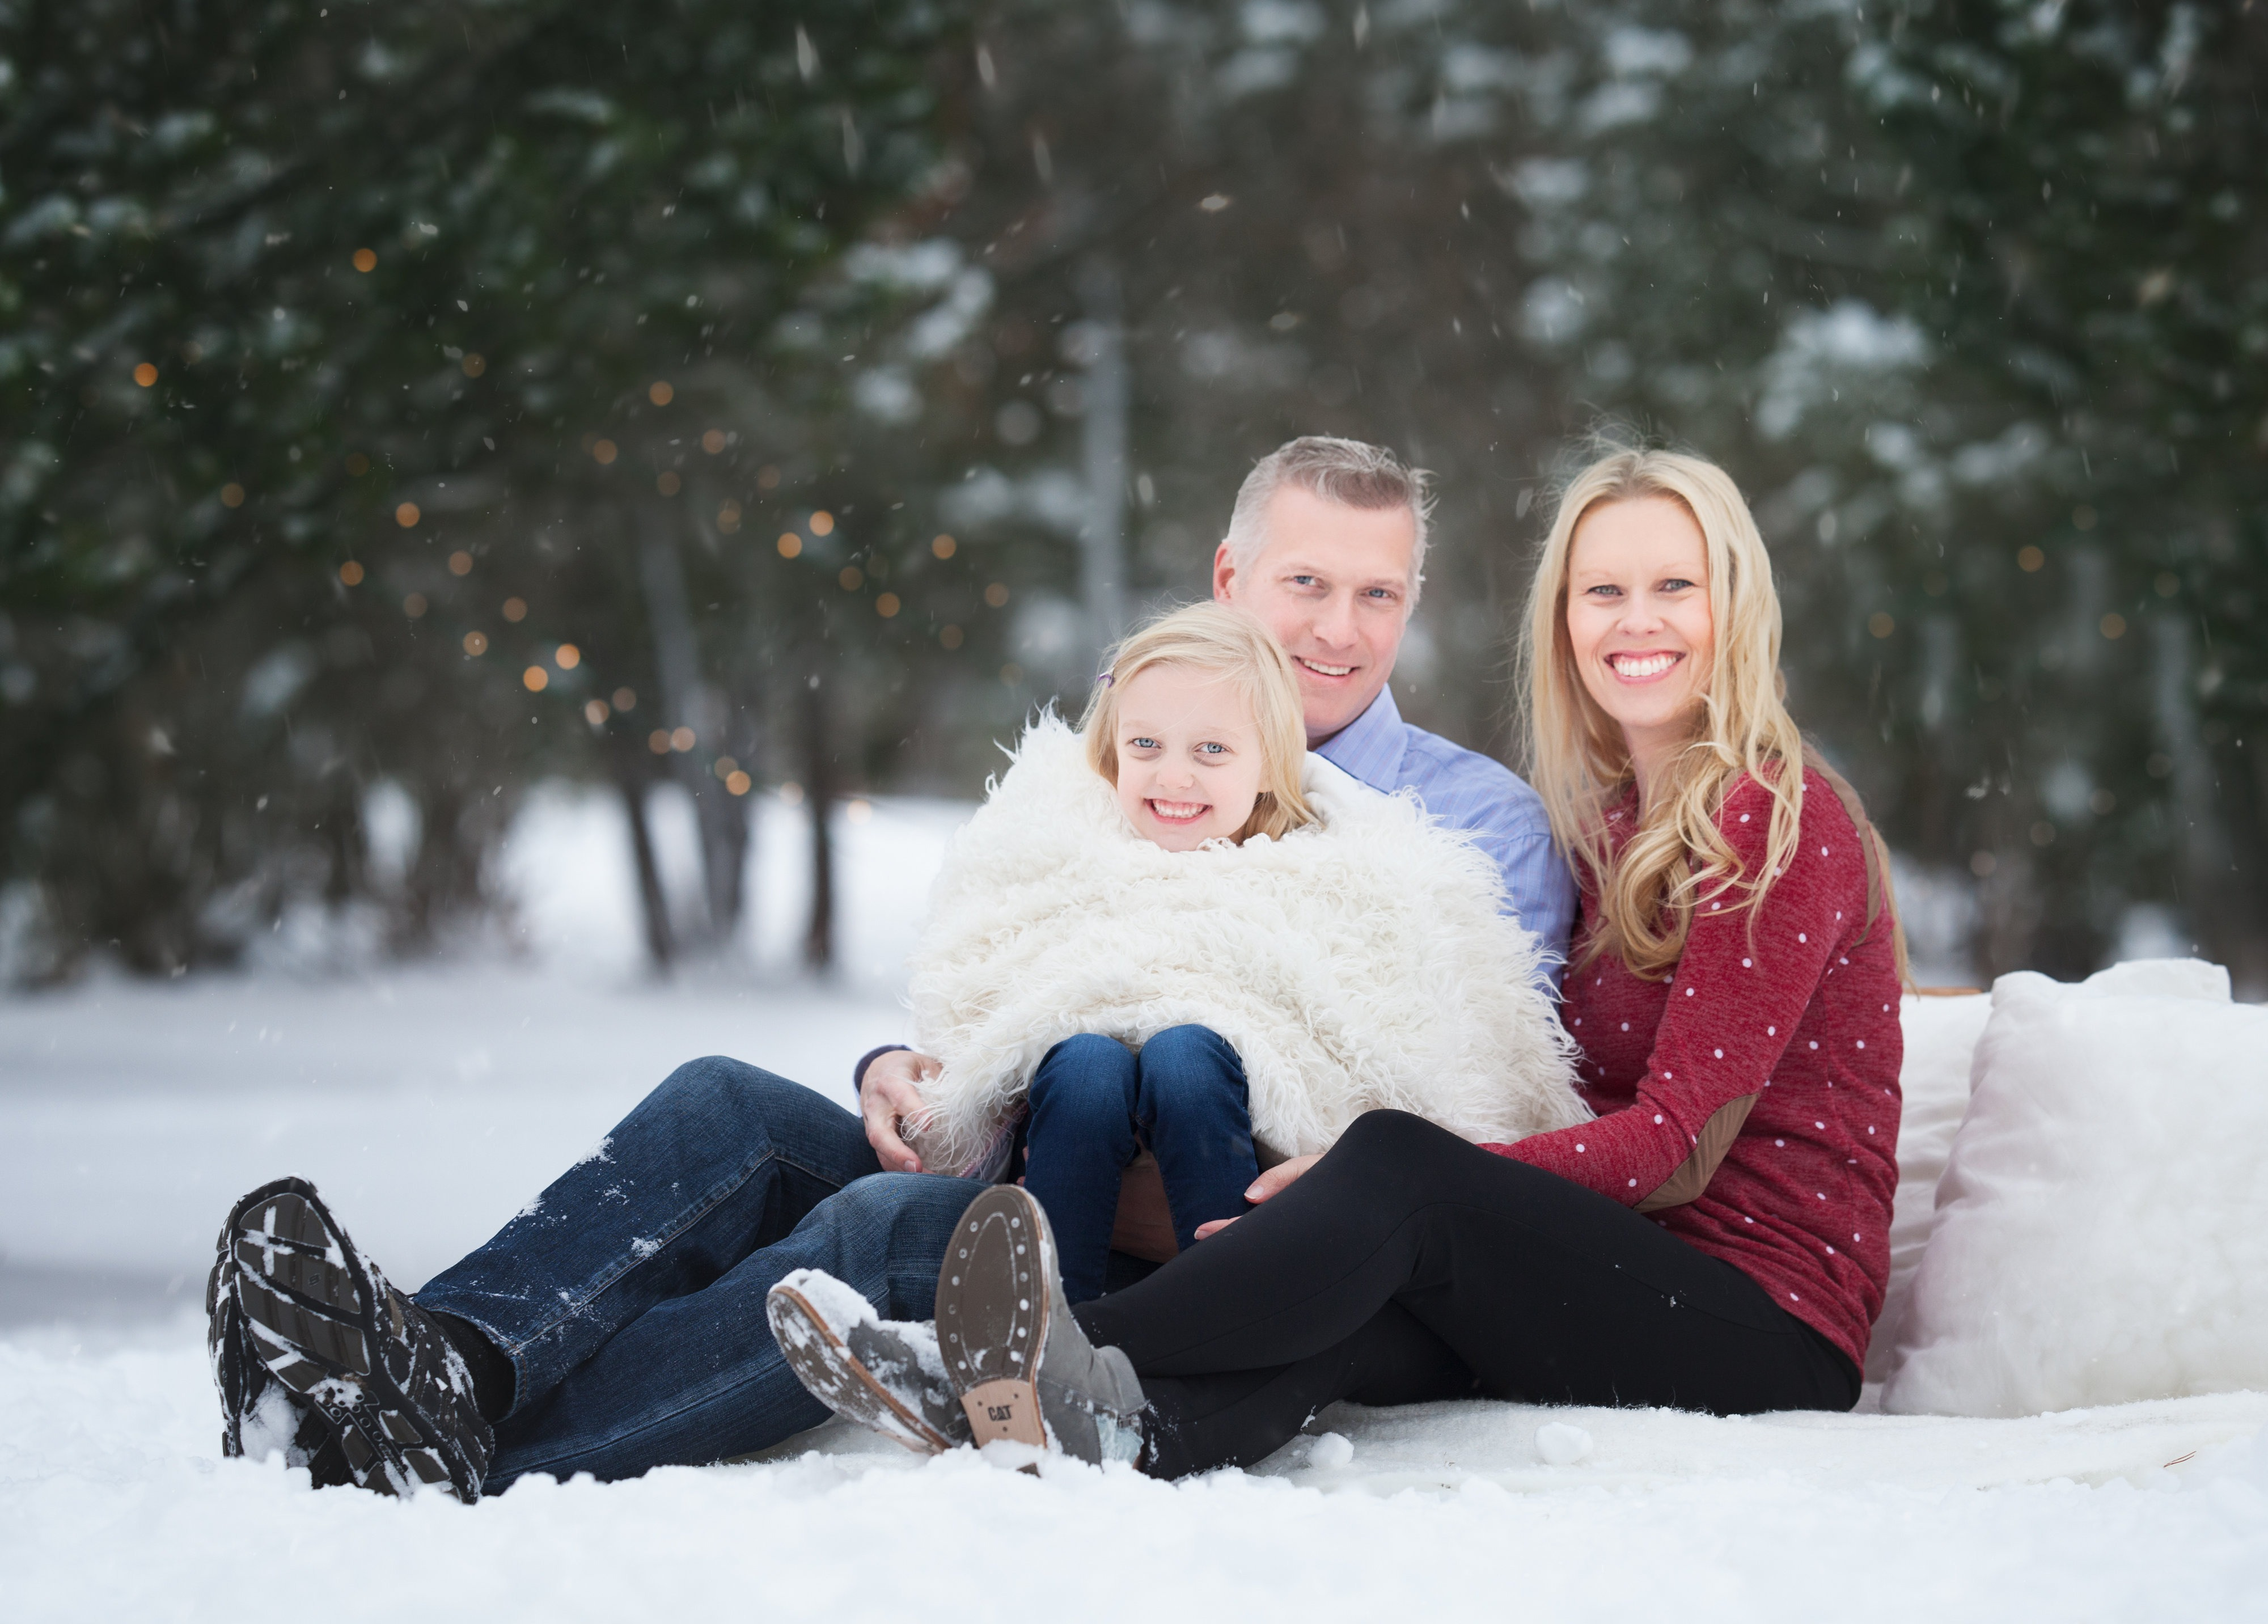 Regina Family Christmas Photos